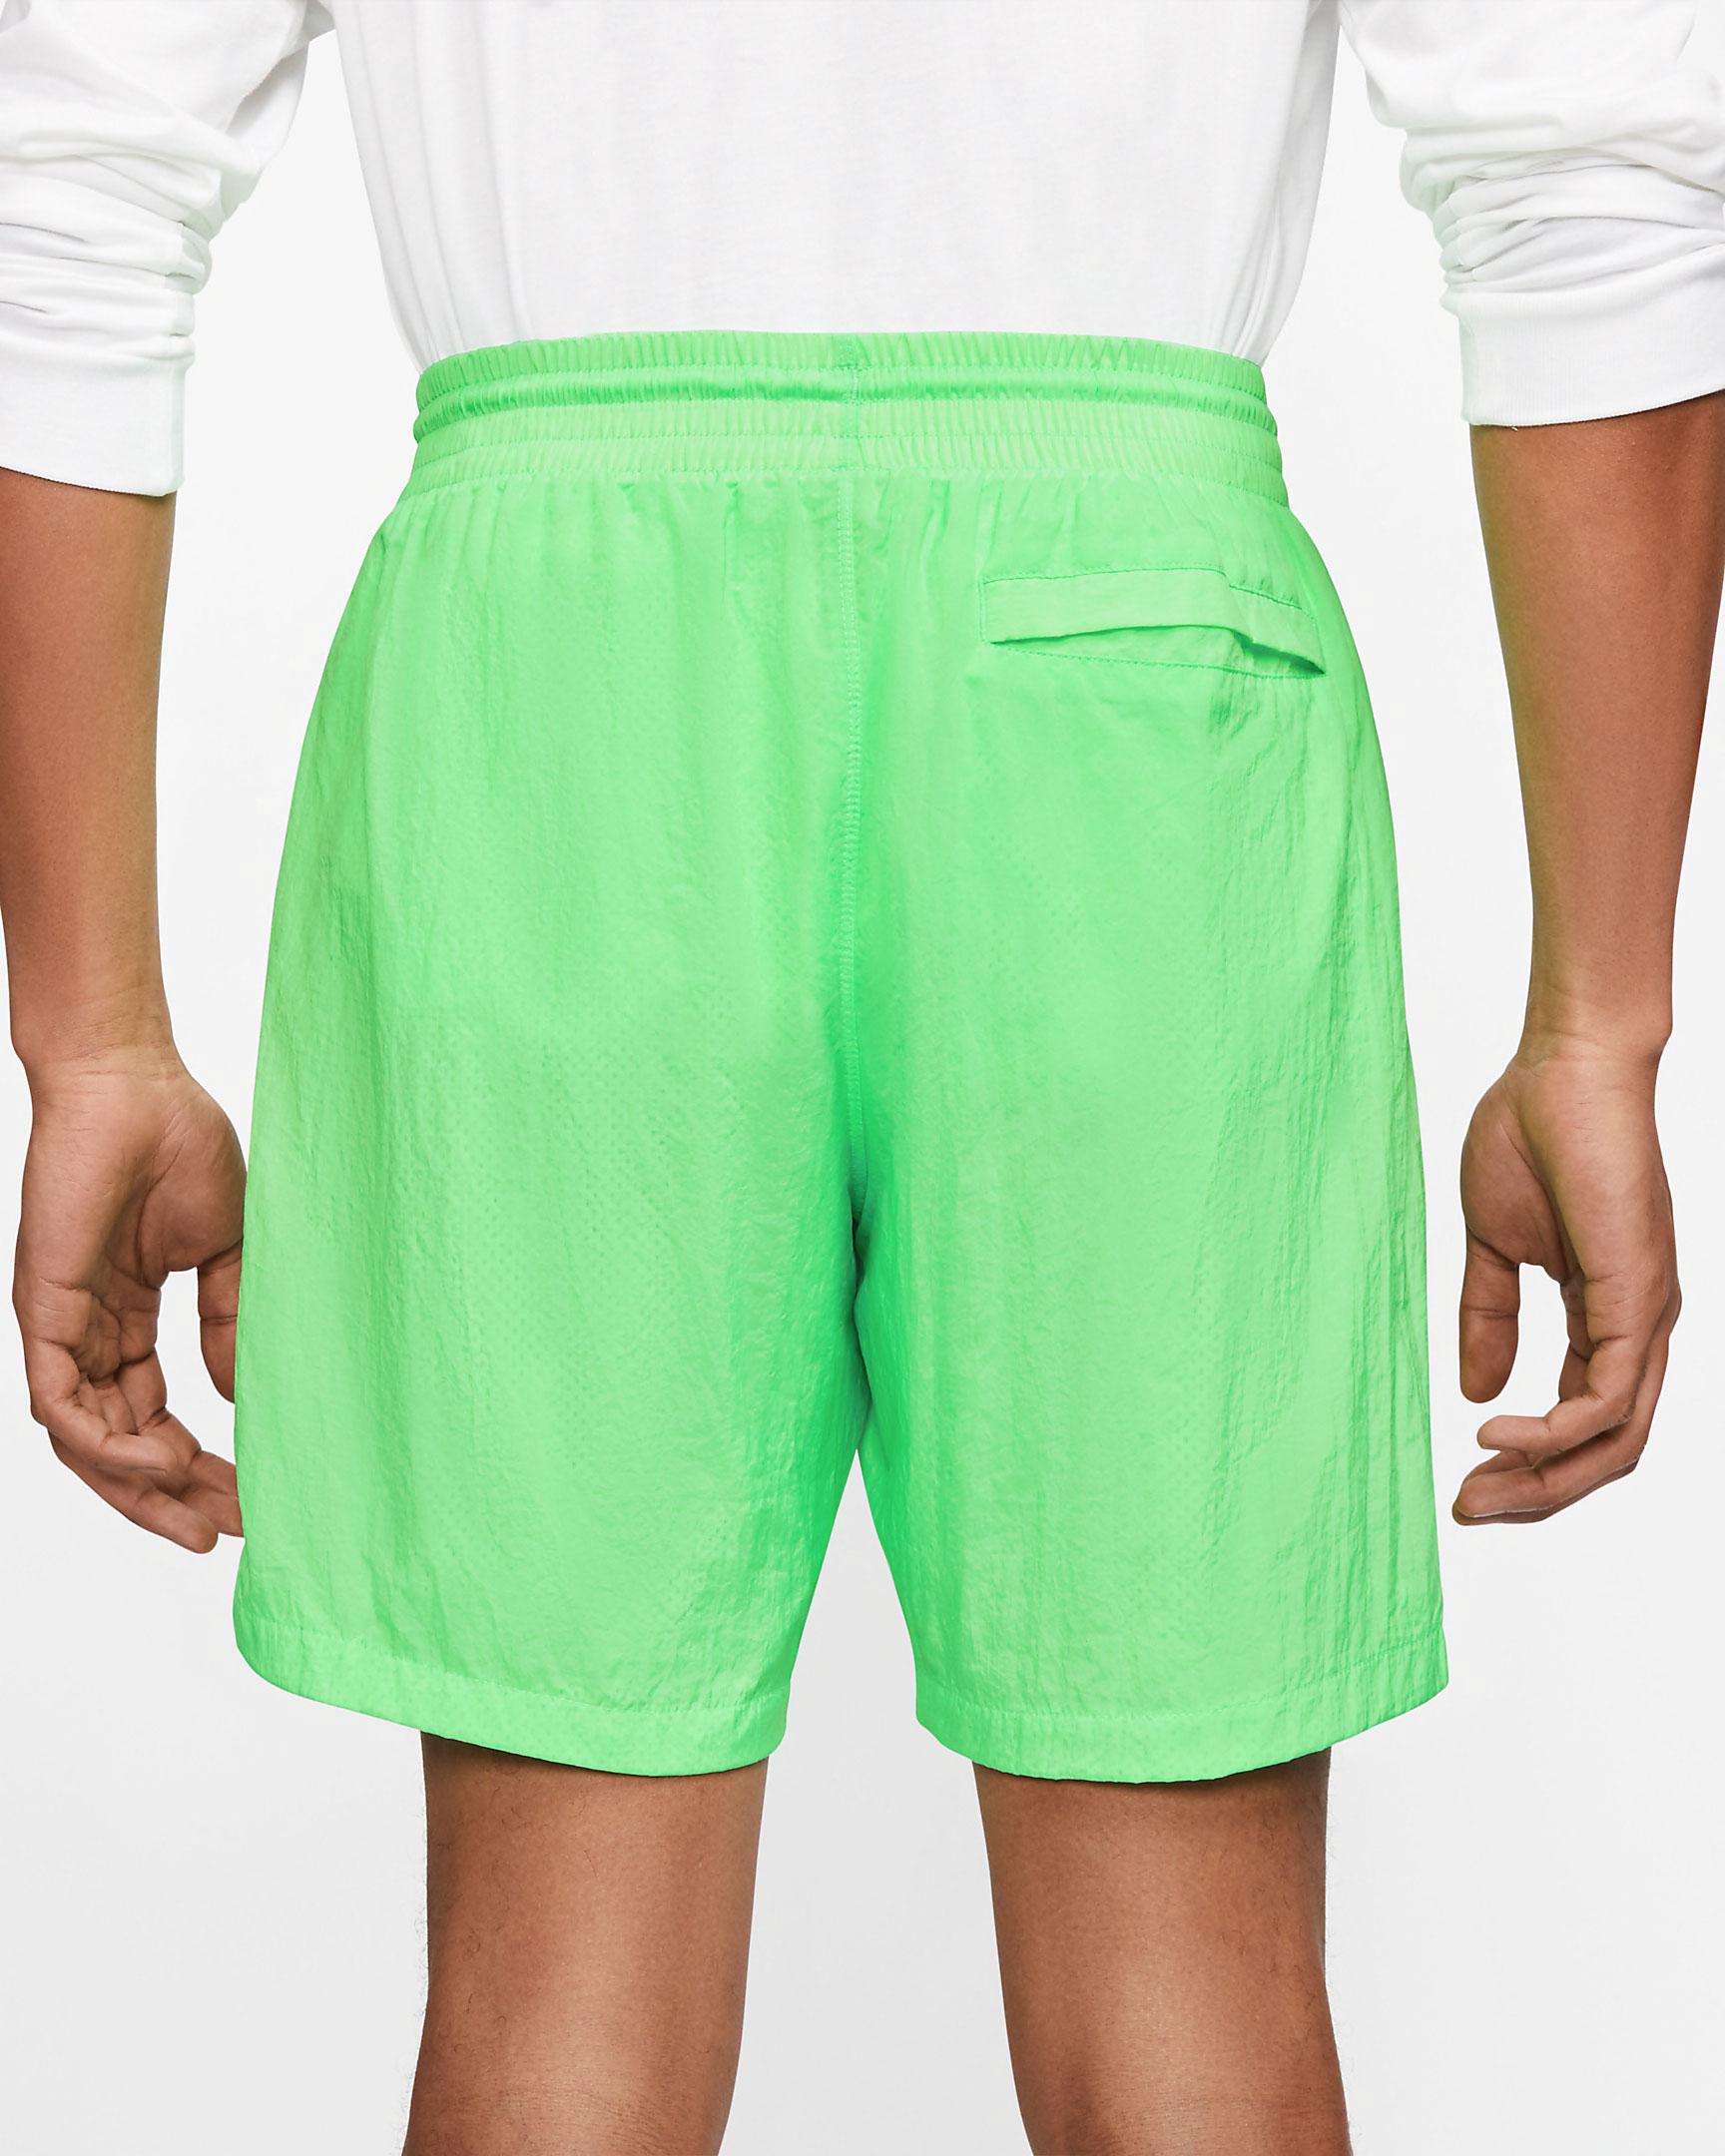 air-jordan-13-flint-2020-poolside-shorts-green-3